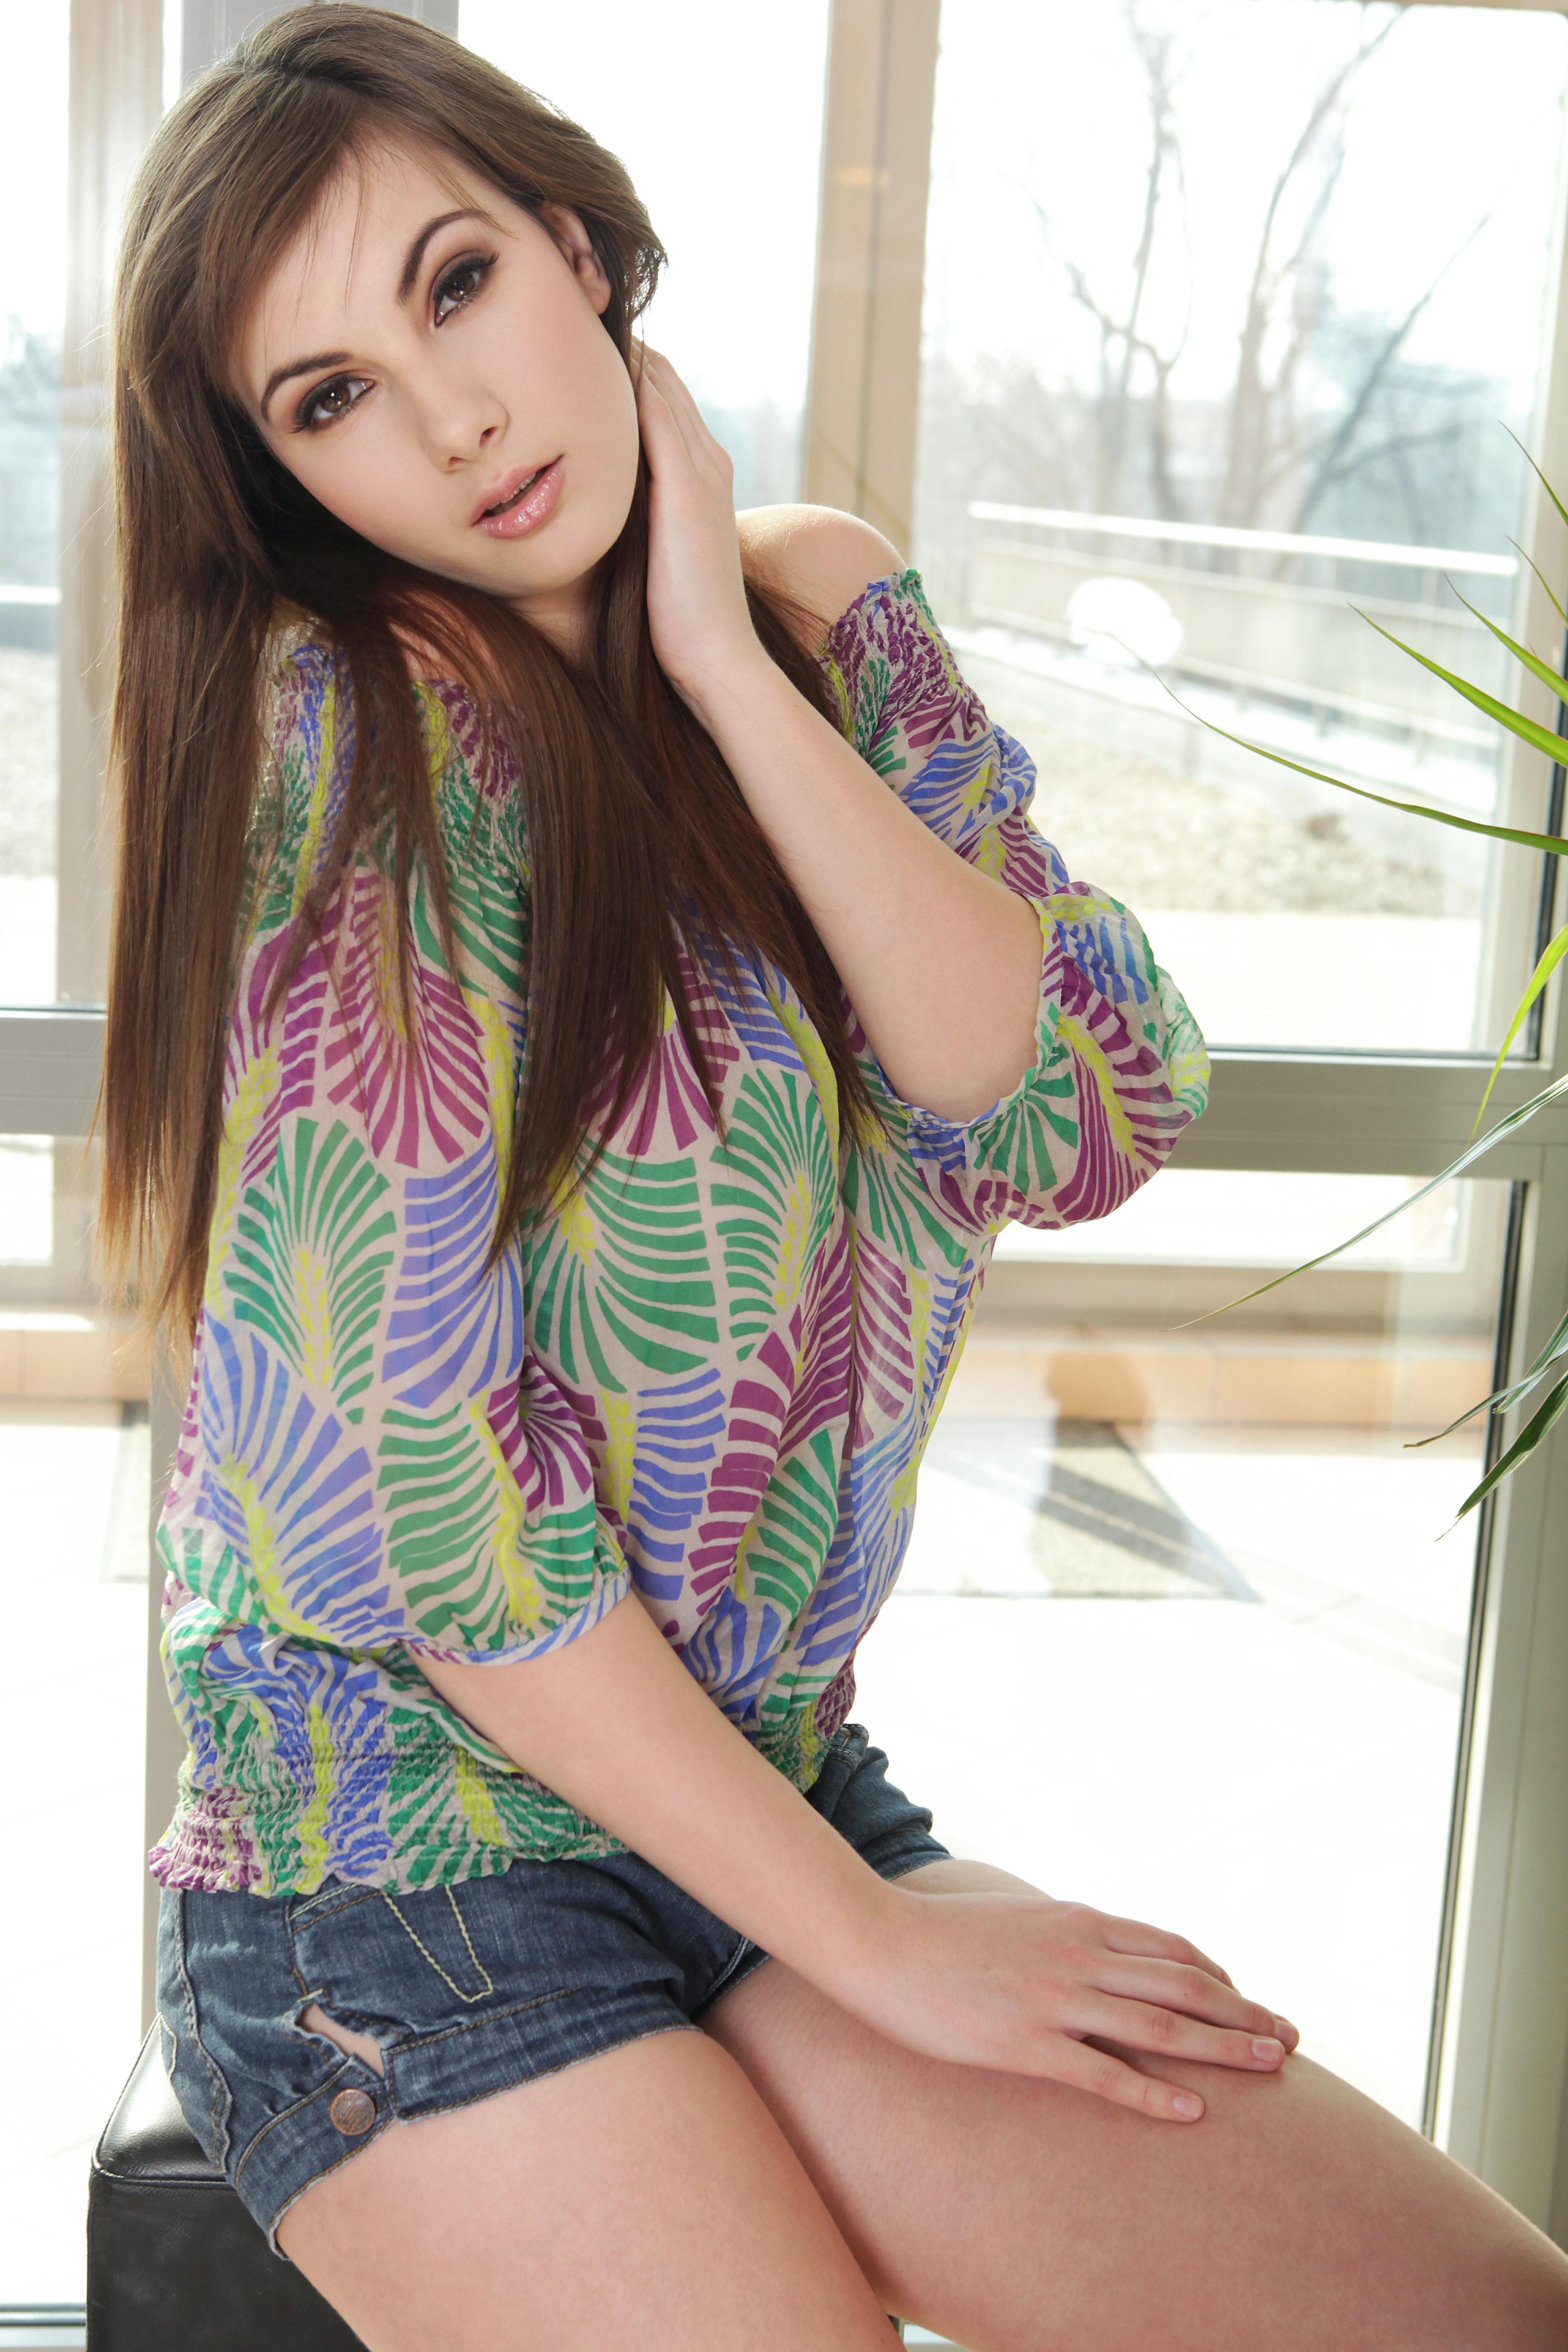 48924673_metart_vlema_roselyne-a_by_samo-mervar_high_0002.jpg